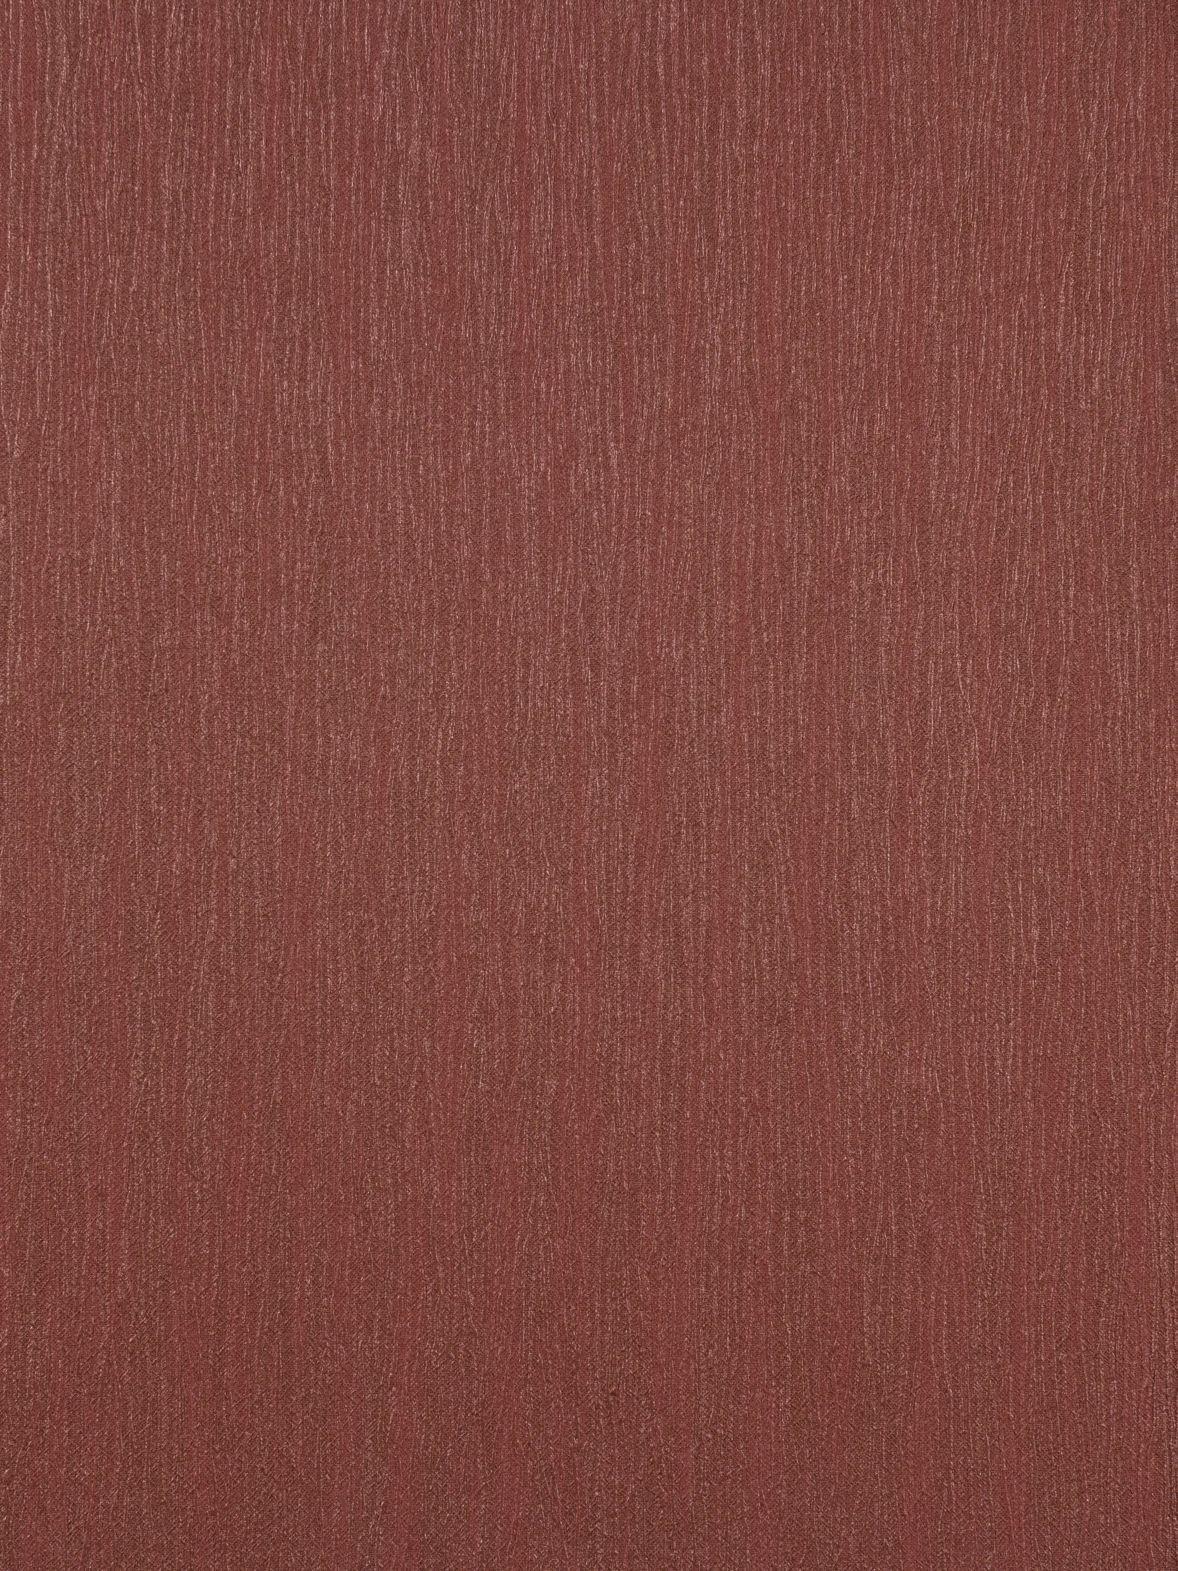 dieter bohlen tapete 02283 60 modern rot designertapete d. Black Bedroom Furniture Sets. Home Design Ideas